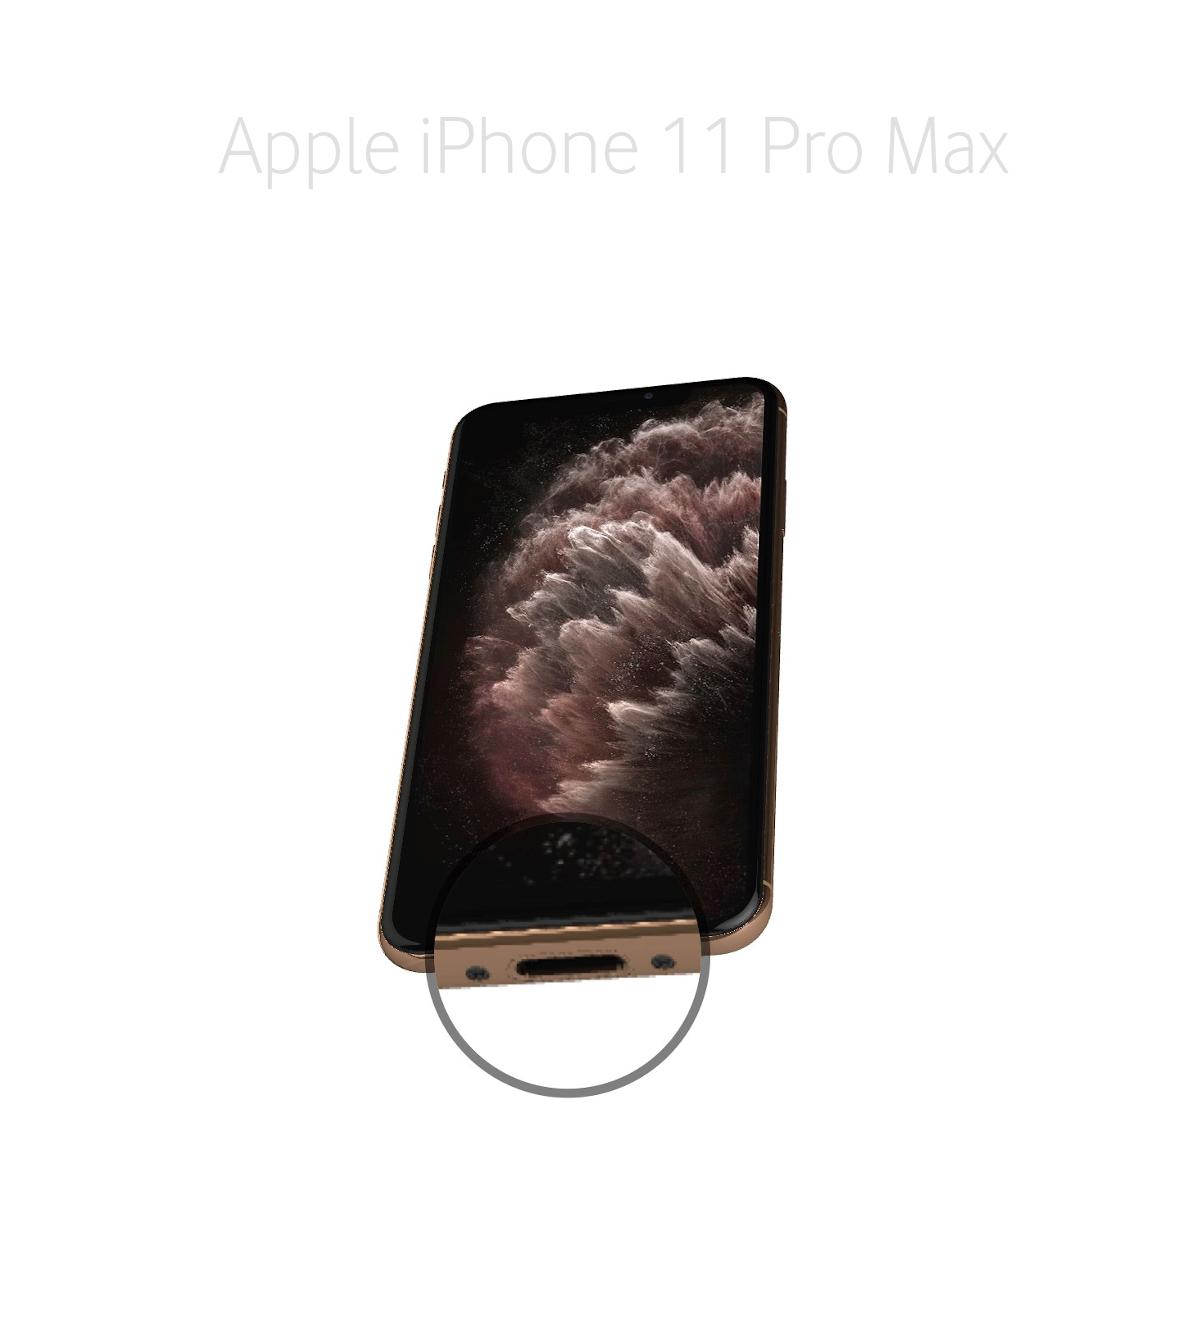 Laga lightningkontakt iPhone 11 Pro Max